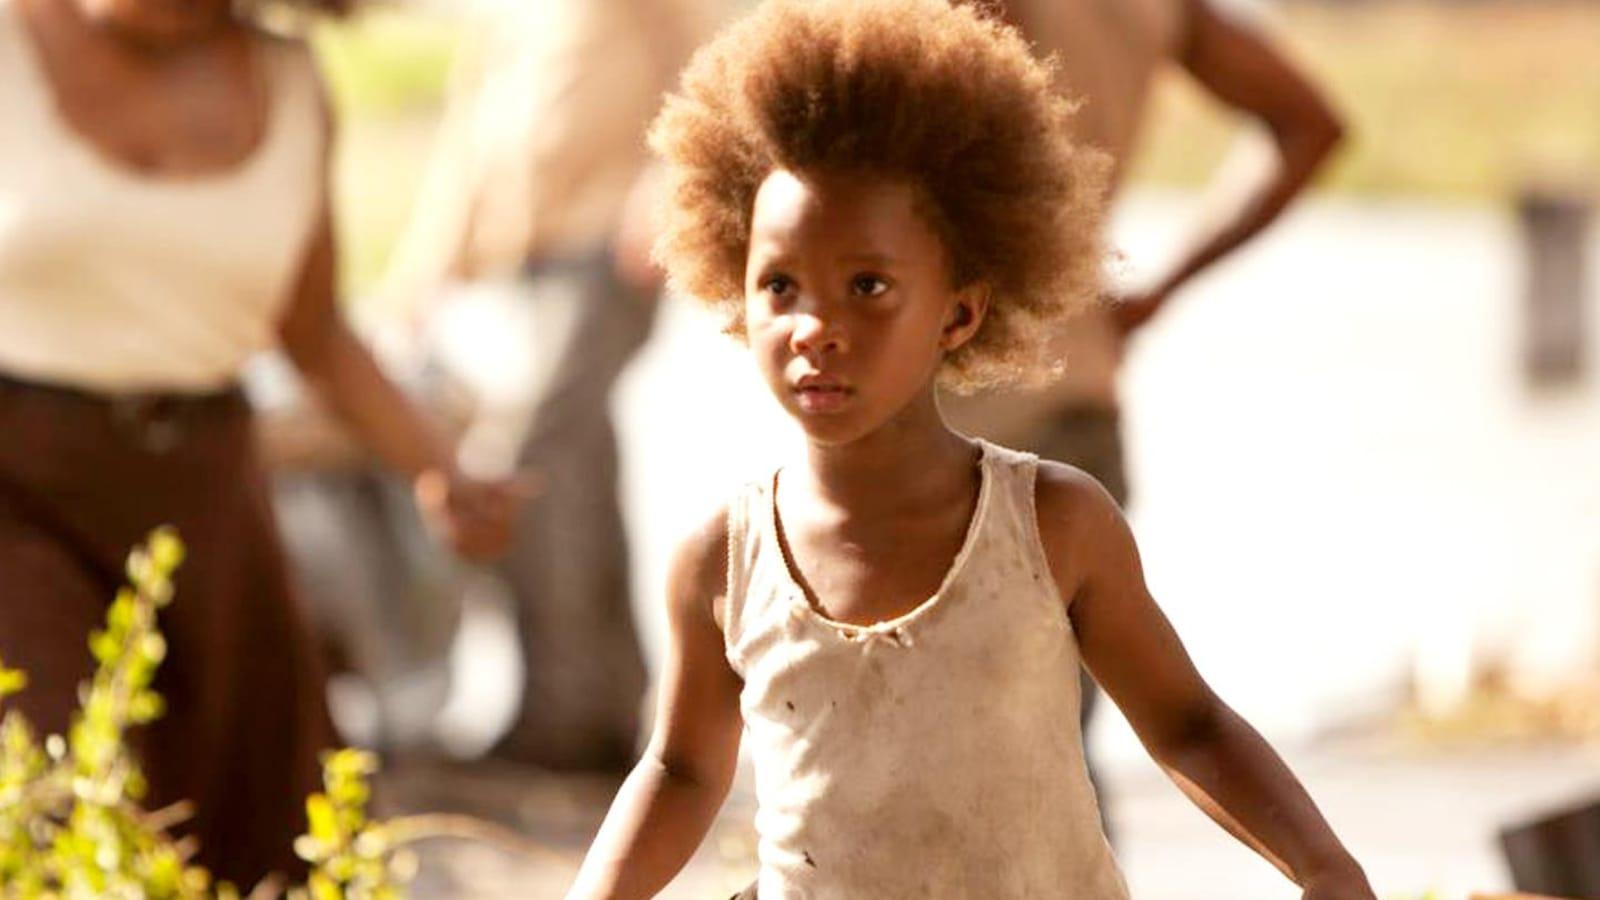 Une petite fille débraillée.